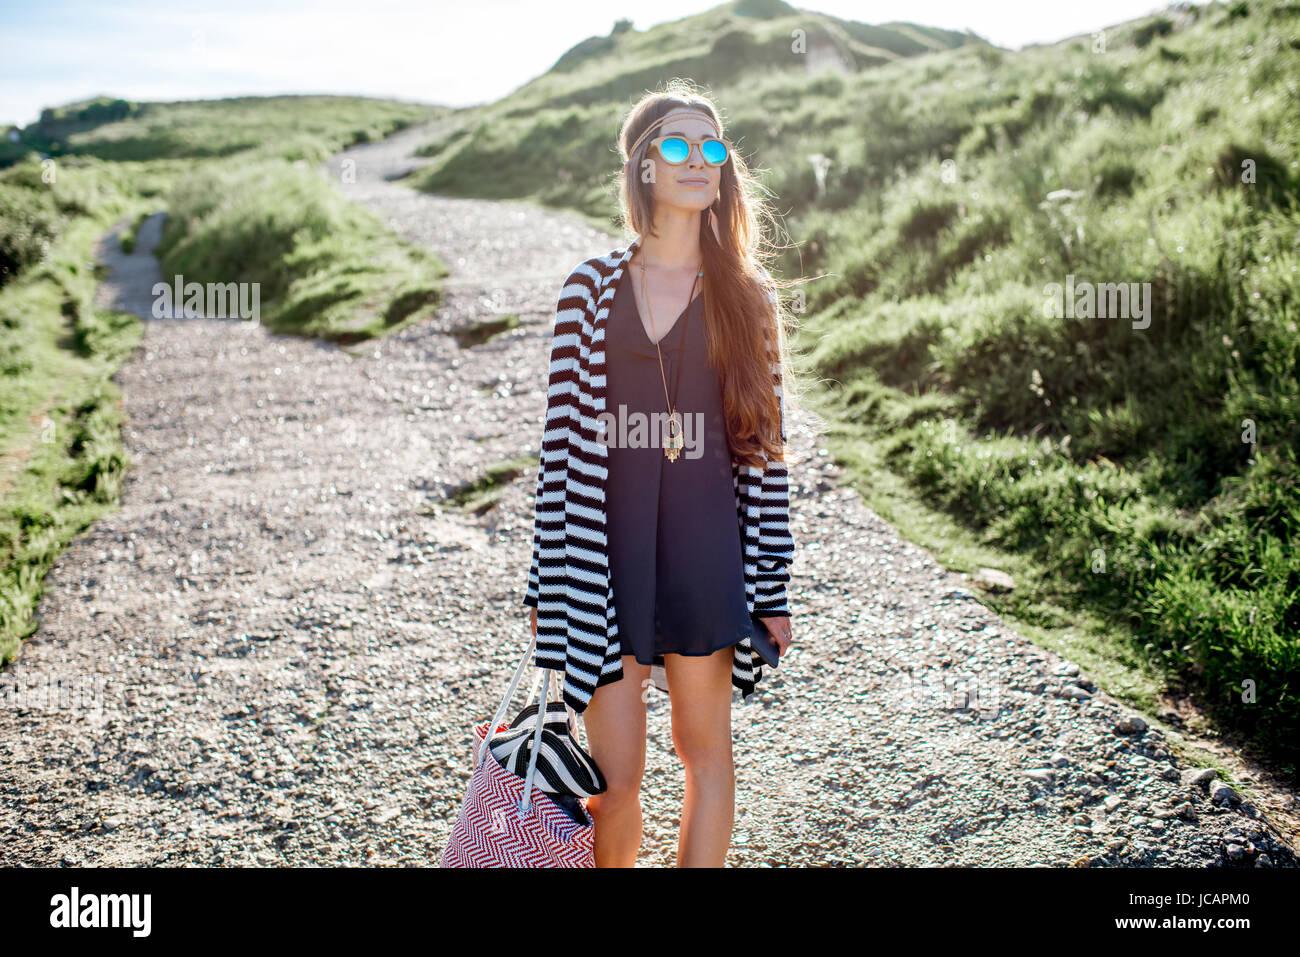 c66d6e004c52b Muchacha vestida en estilo hippie caminando con bolsa de playa al aire  libre Imagen De Stock